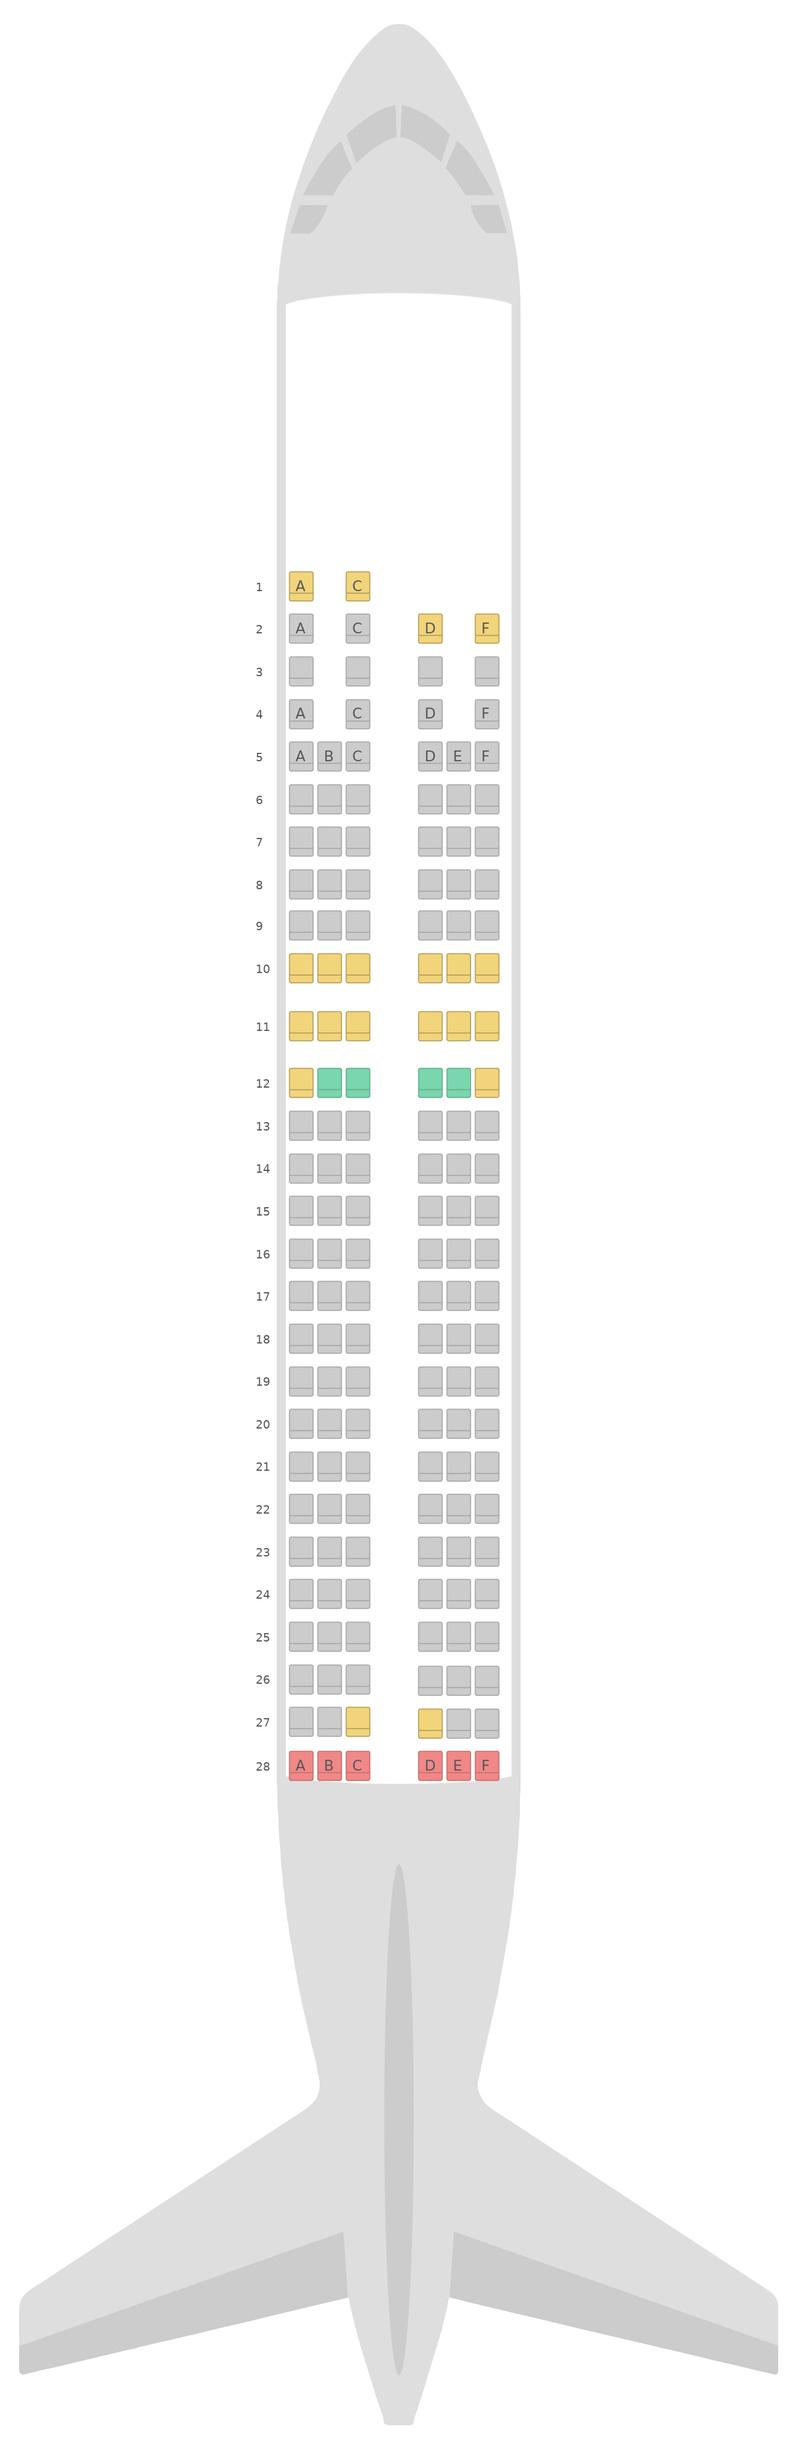 Mapa de asientos Airbus A320 Finnair